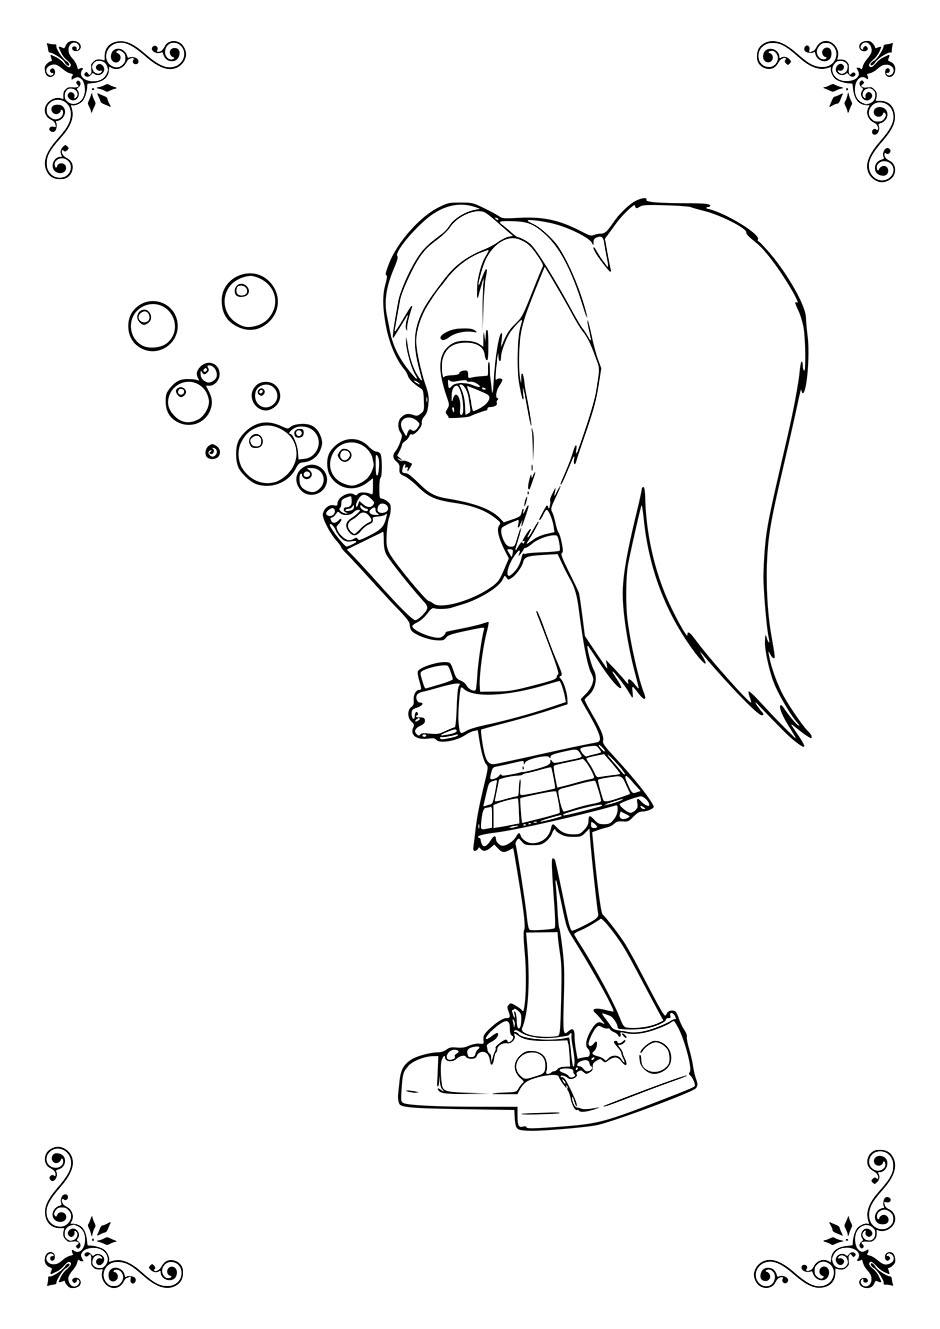 Раскраска: Роза пускает мыльные пузыри — raskraski-a4.ru